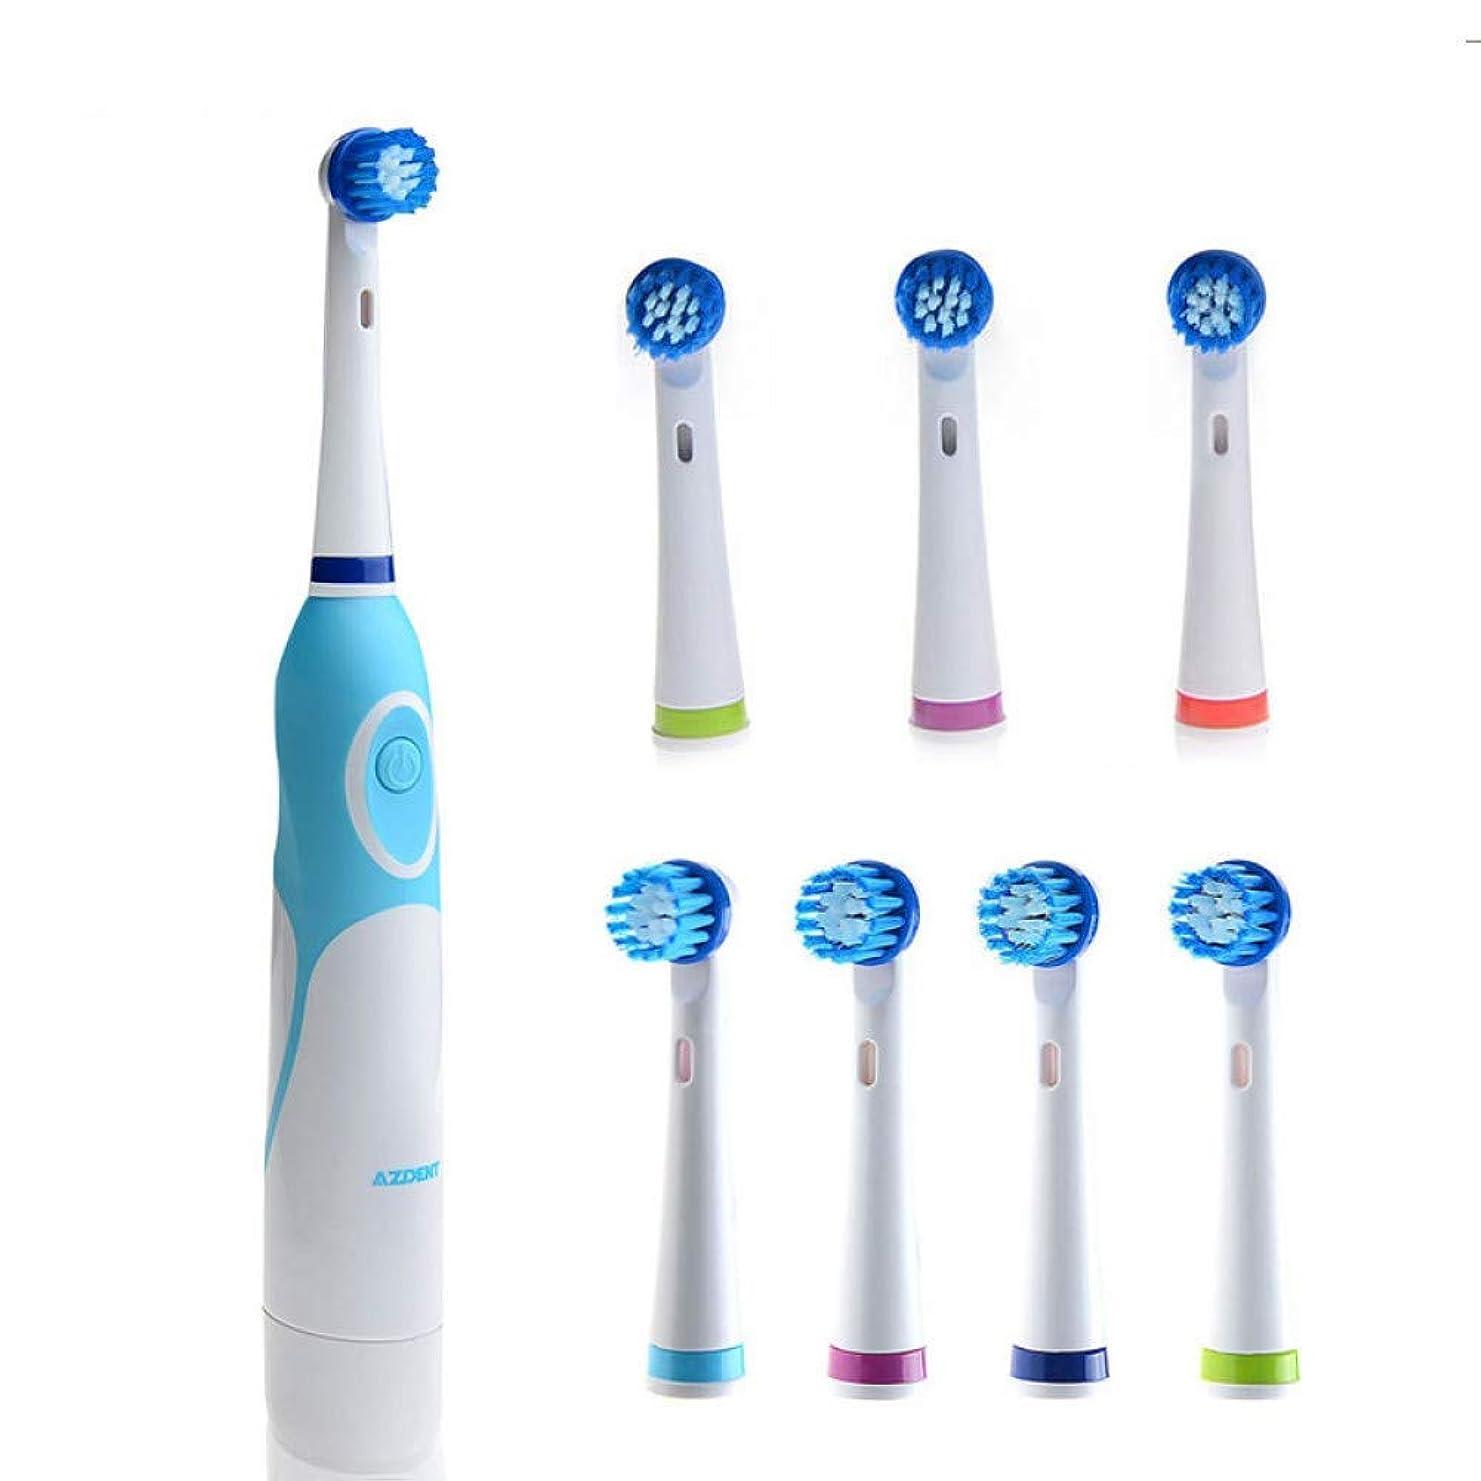 毎年奴隷著作権大人のための8つのブラシの頭部の回転歯ブラシの口頭心配の歯ブラシが付いている歯ブラシ、